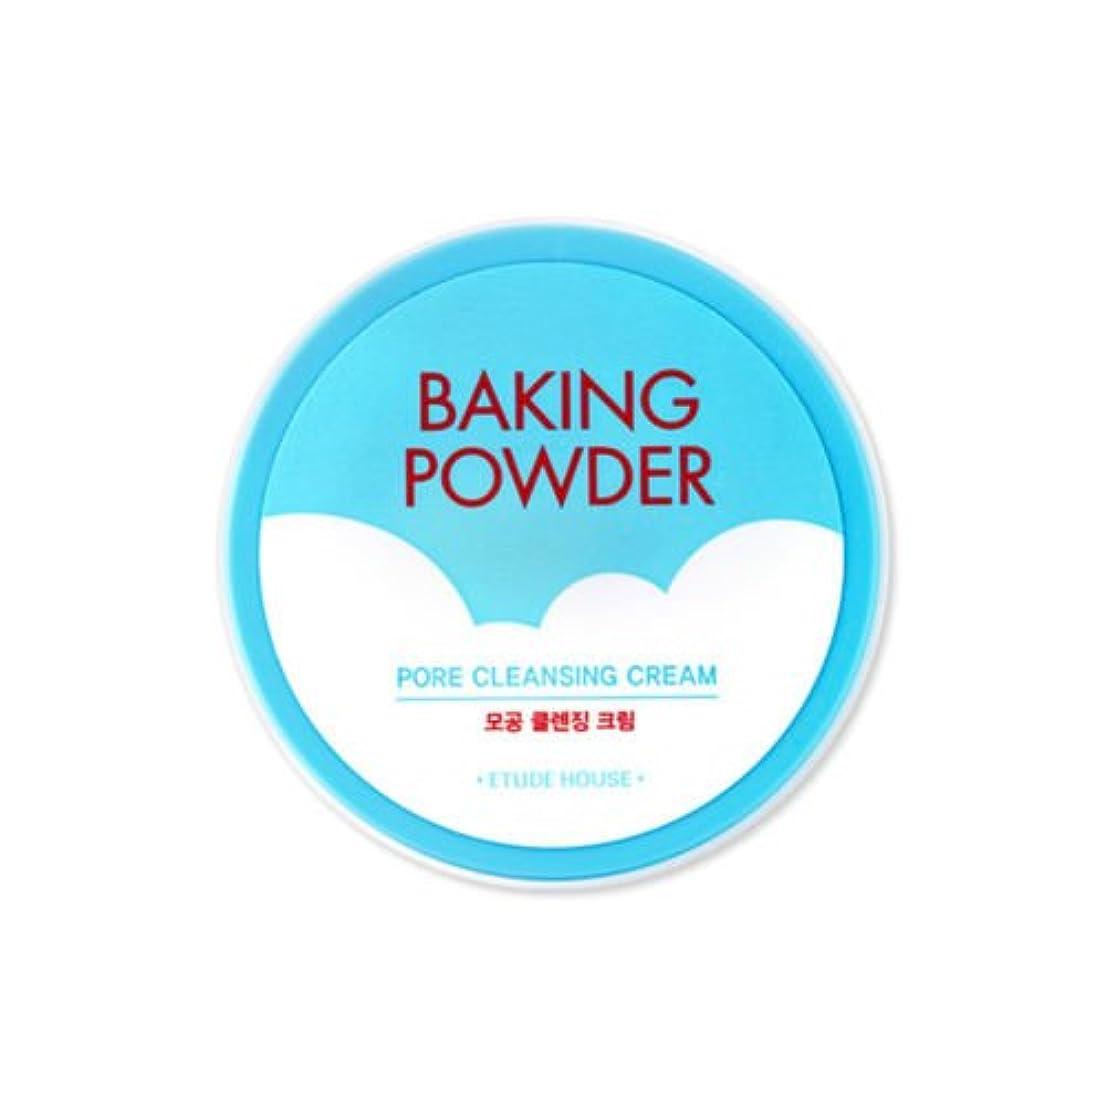 ディスカウント品支援する[2016 Upgrade!] ETUDE HOUSE Baking Powder Pore Cleansing Cream 180ml/エチュードハウス ベーキング パウダー ポア クレンジング クリーム 180ml